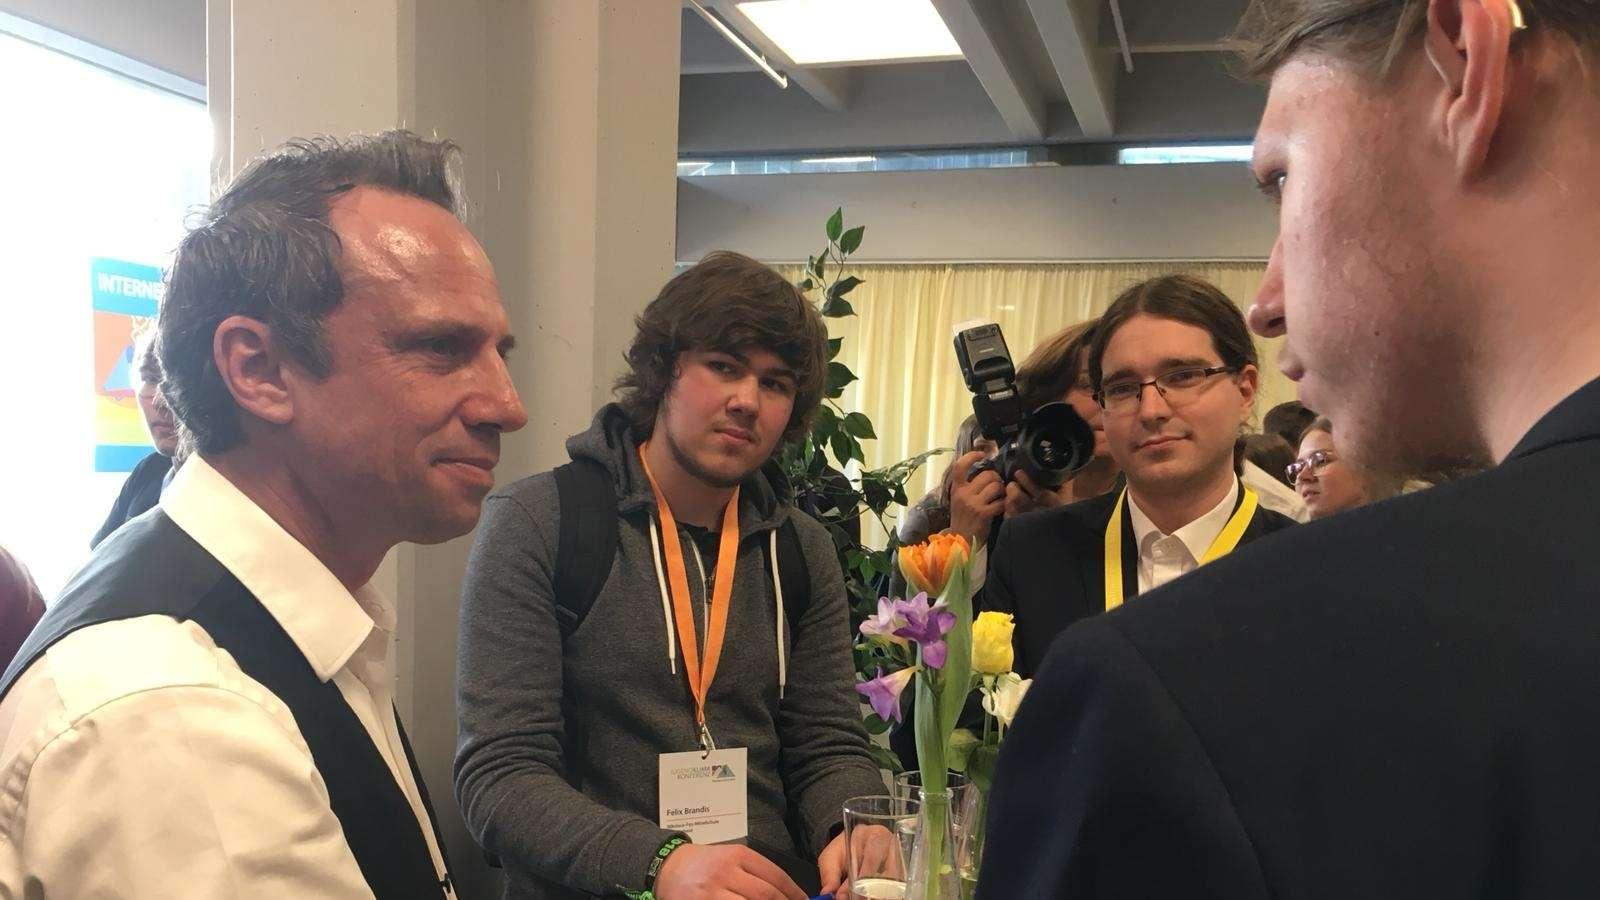 Umweltminister Thorsten Glauber im Gespräch mit Jugendlichen vor der Jugendklimakonferenz in Erlangen